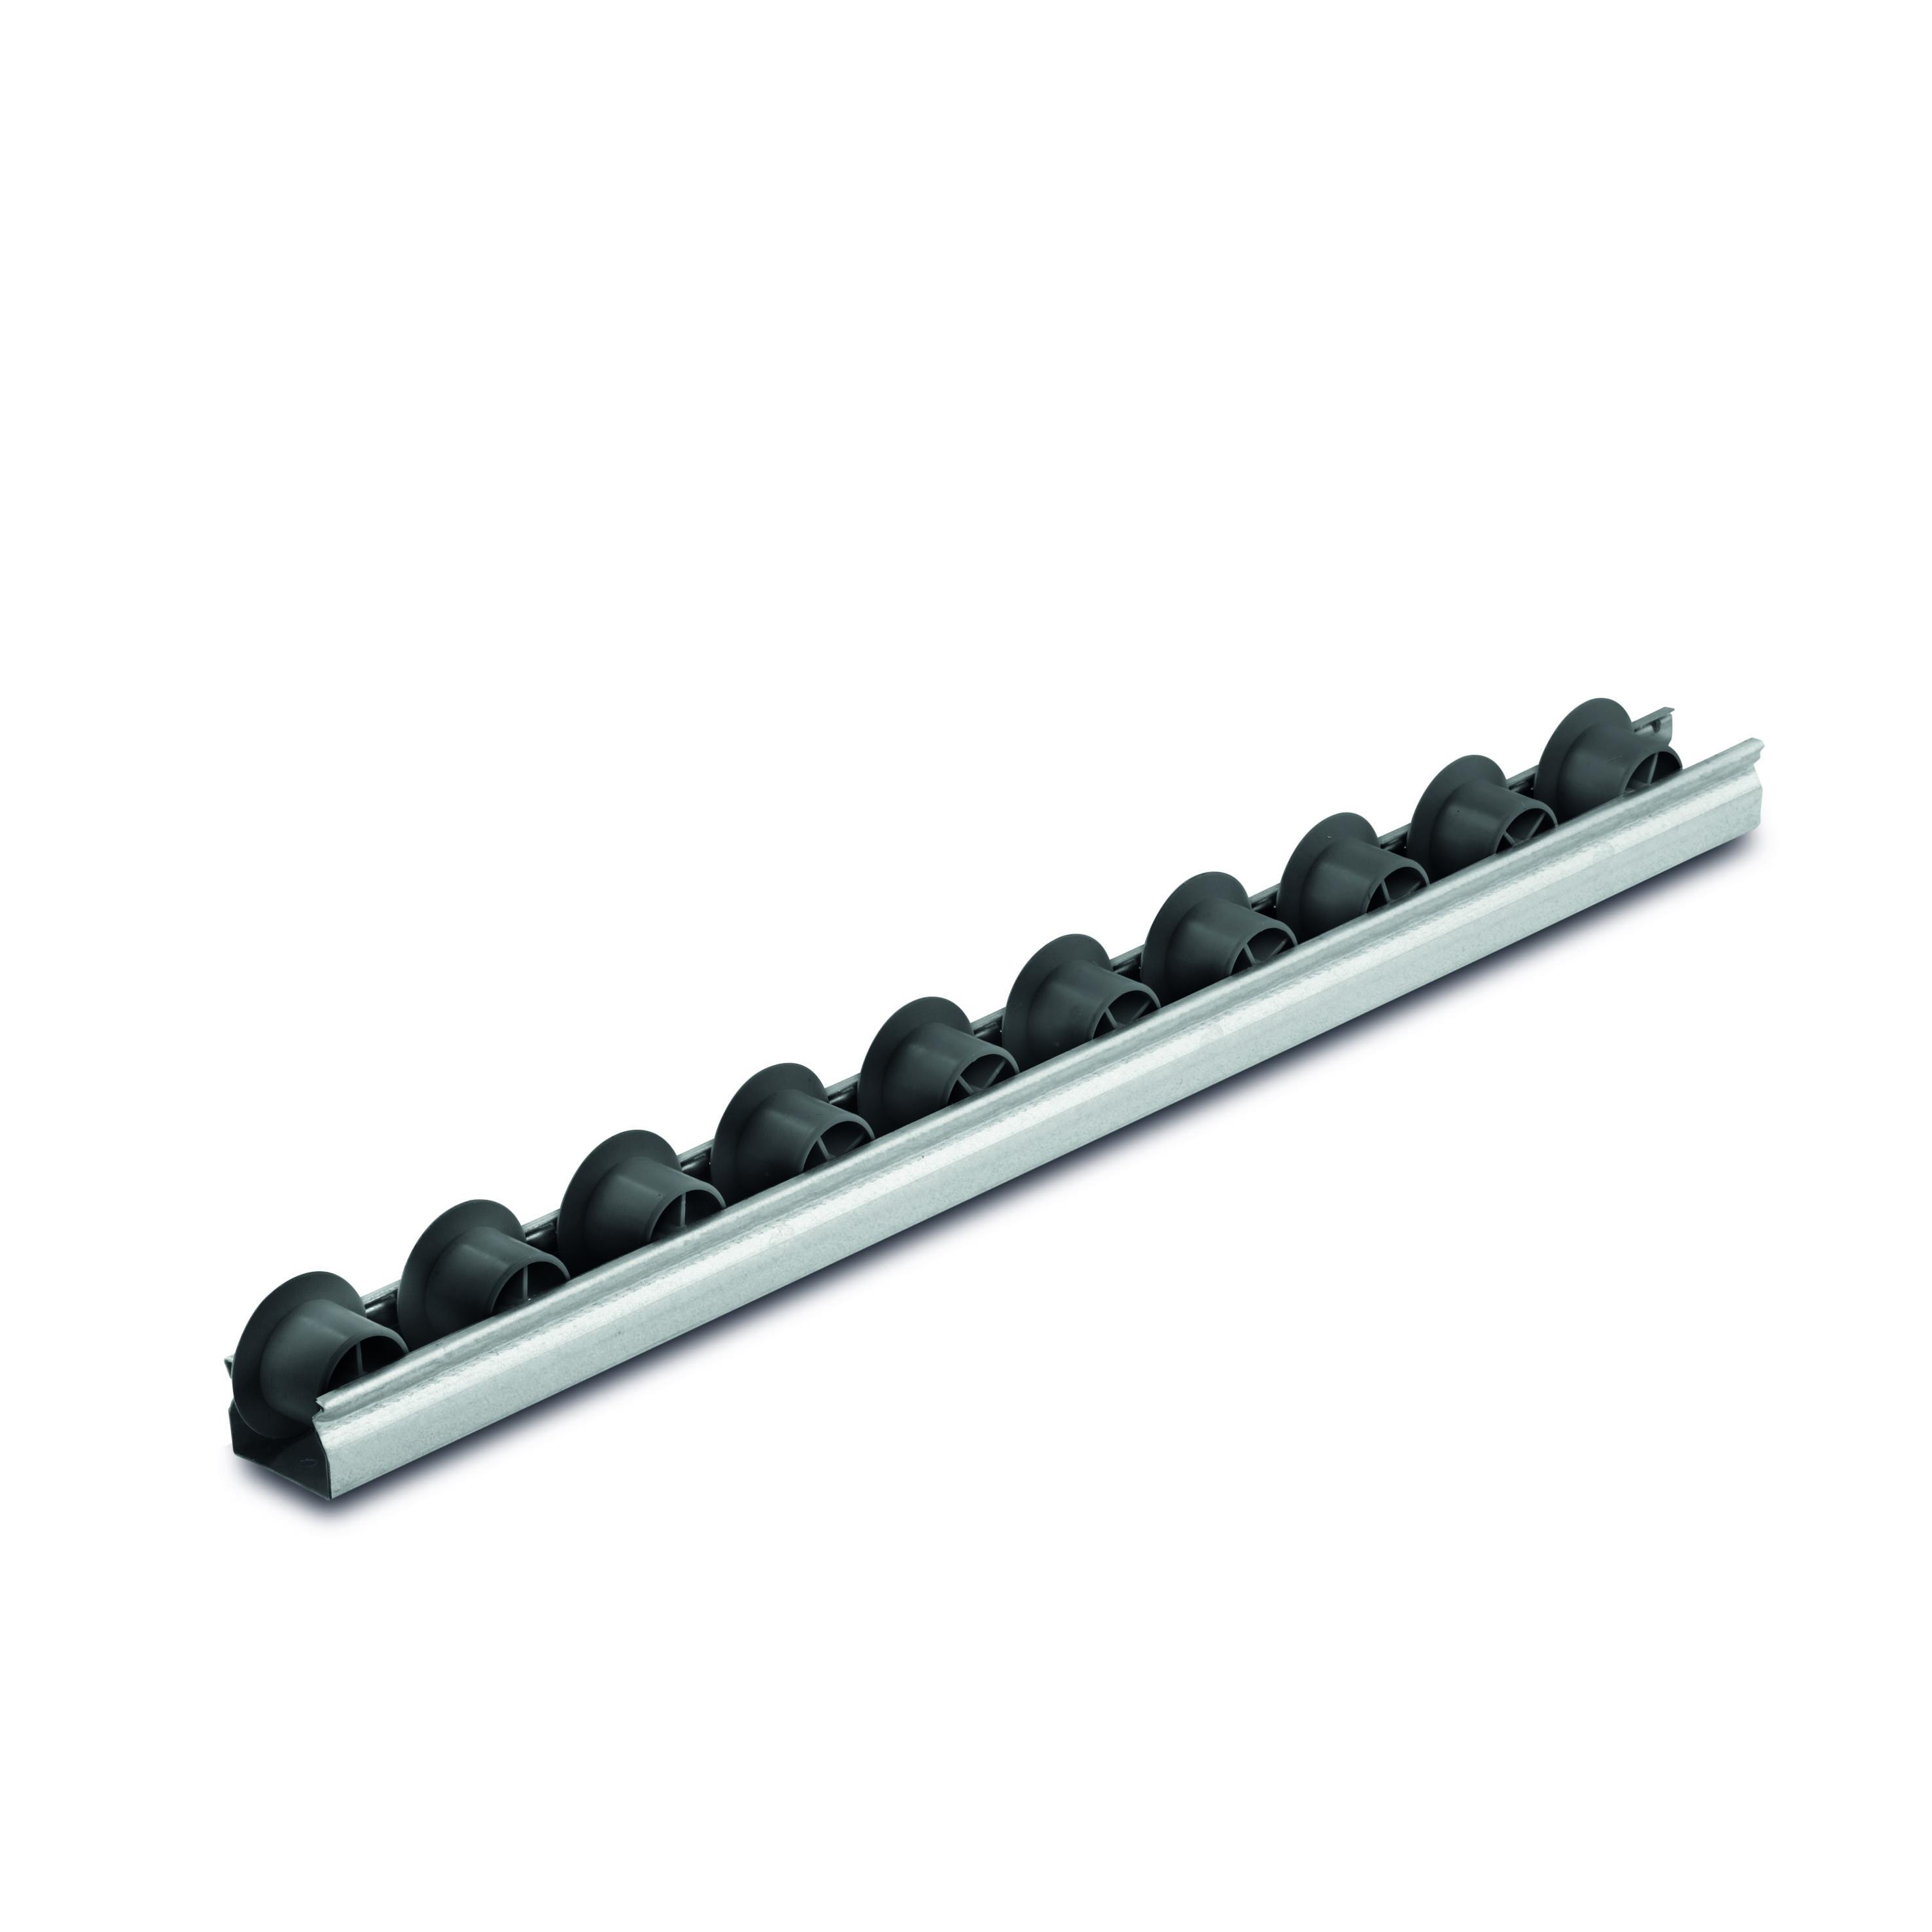 Billed af Mini rulleskinner, sporkans, op til 15 kg pr. rulle, profil 0,8 mm (804-serie)